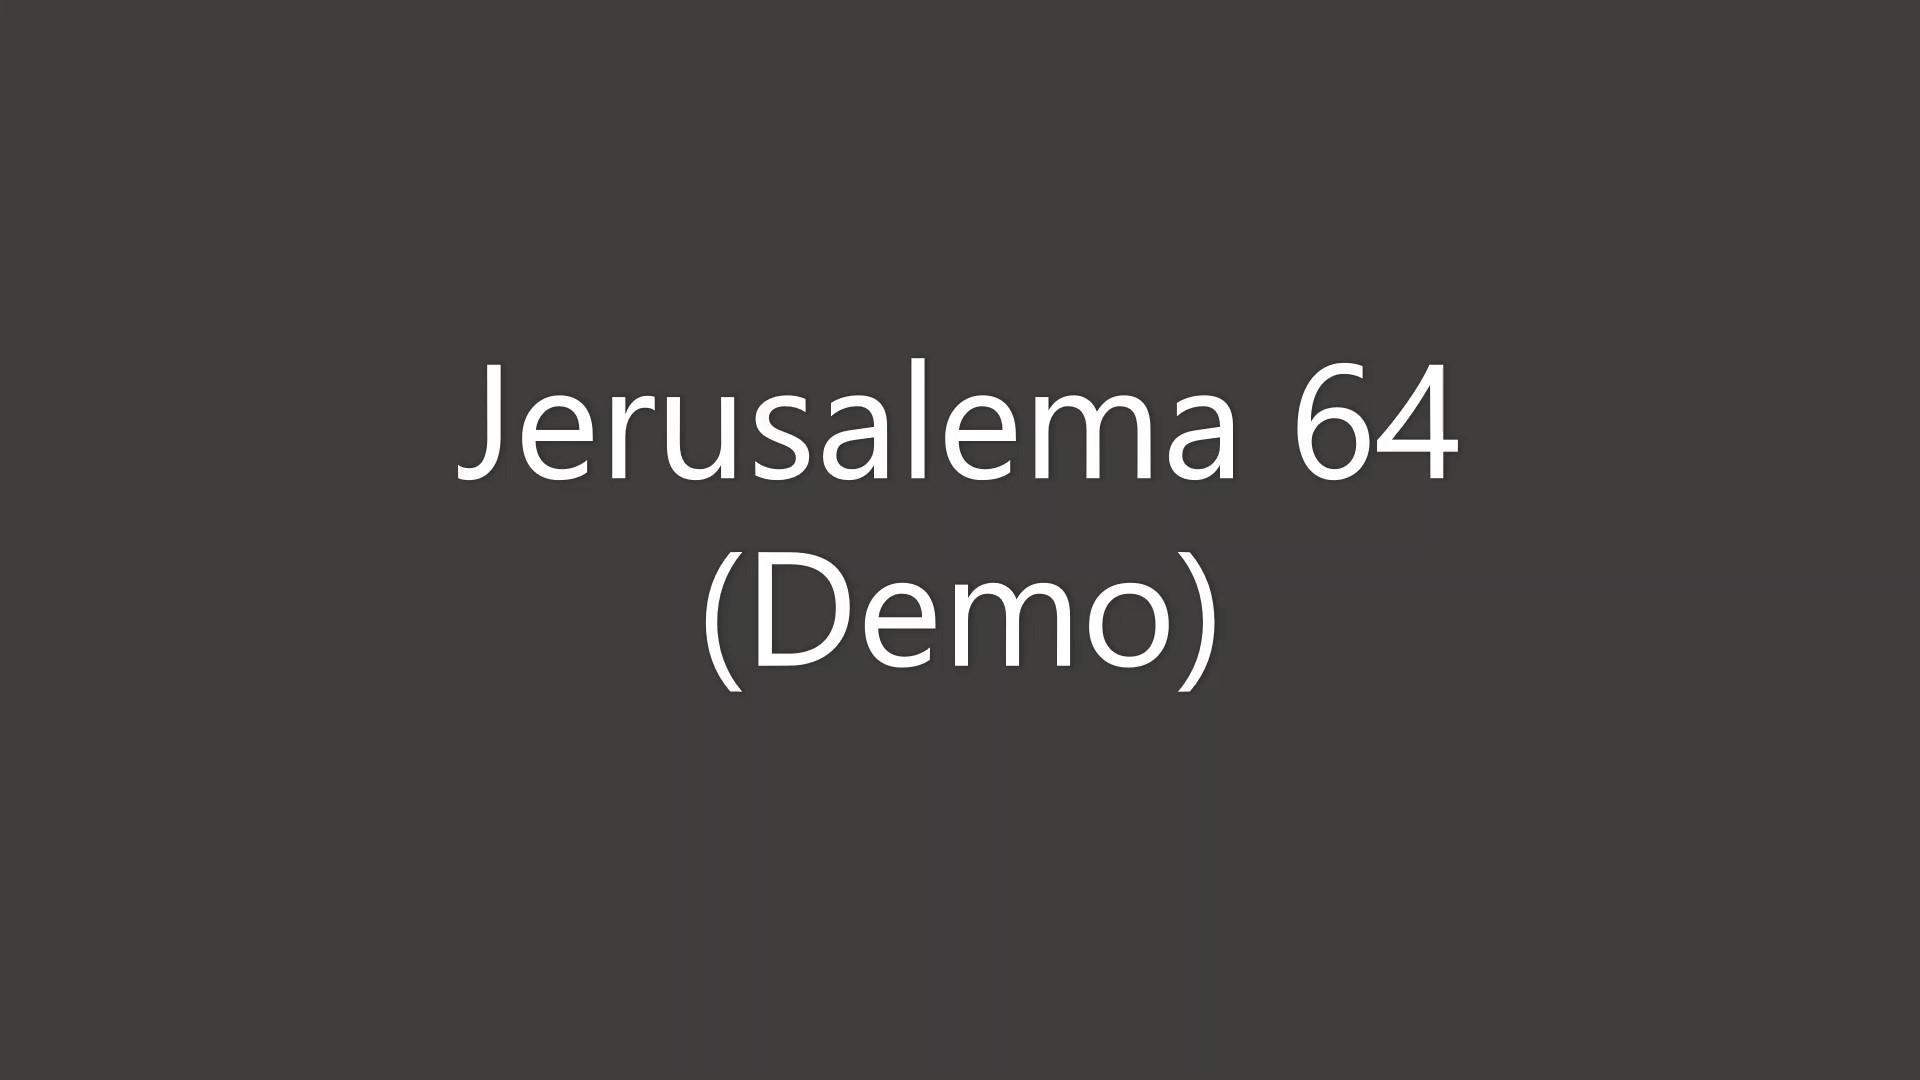 Jerusalema 64 Demo